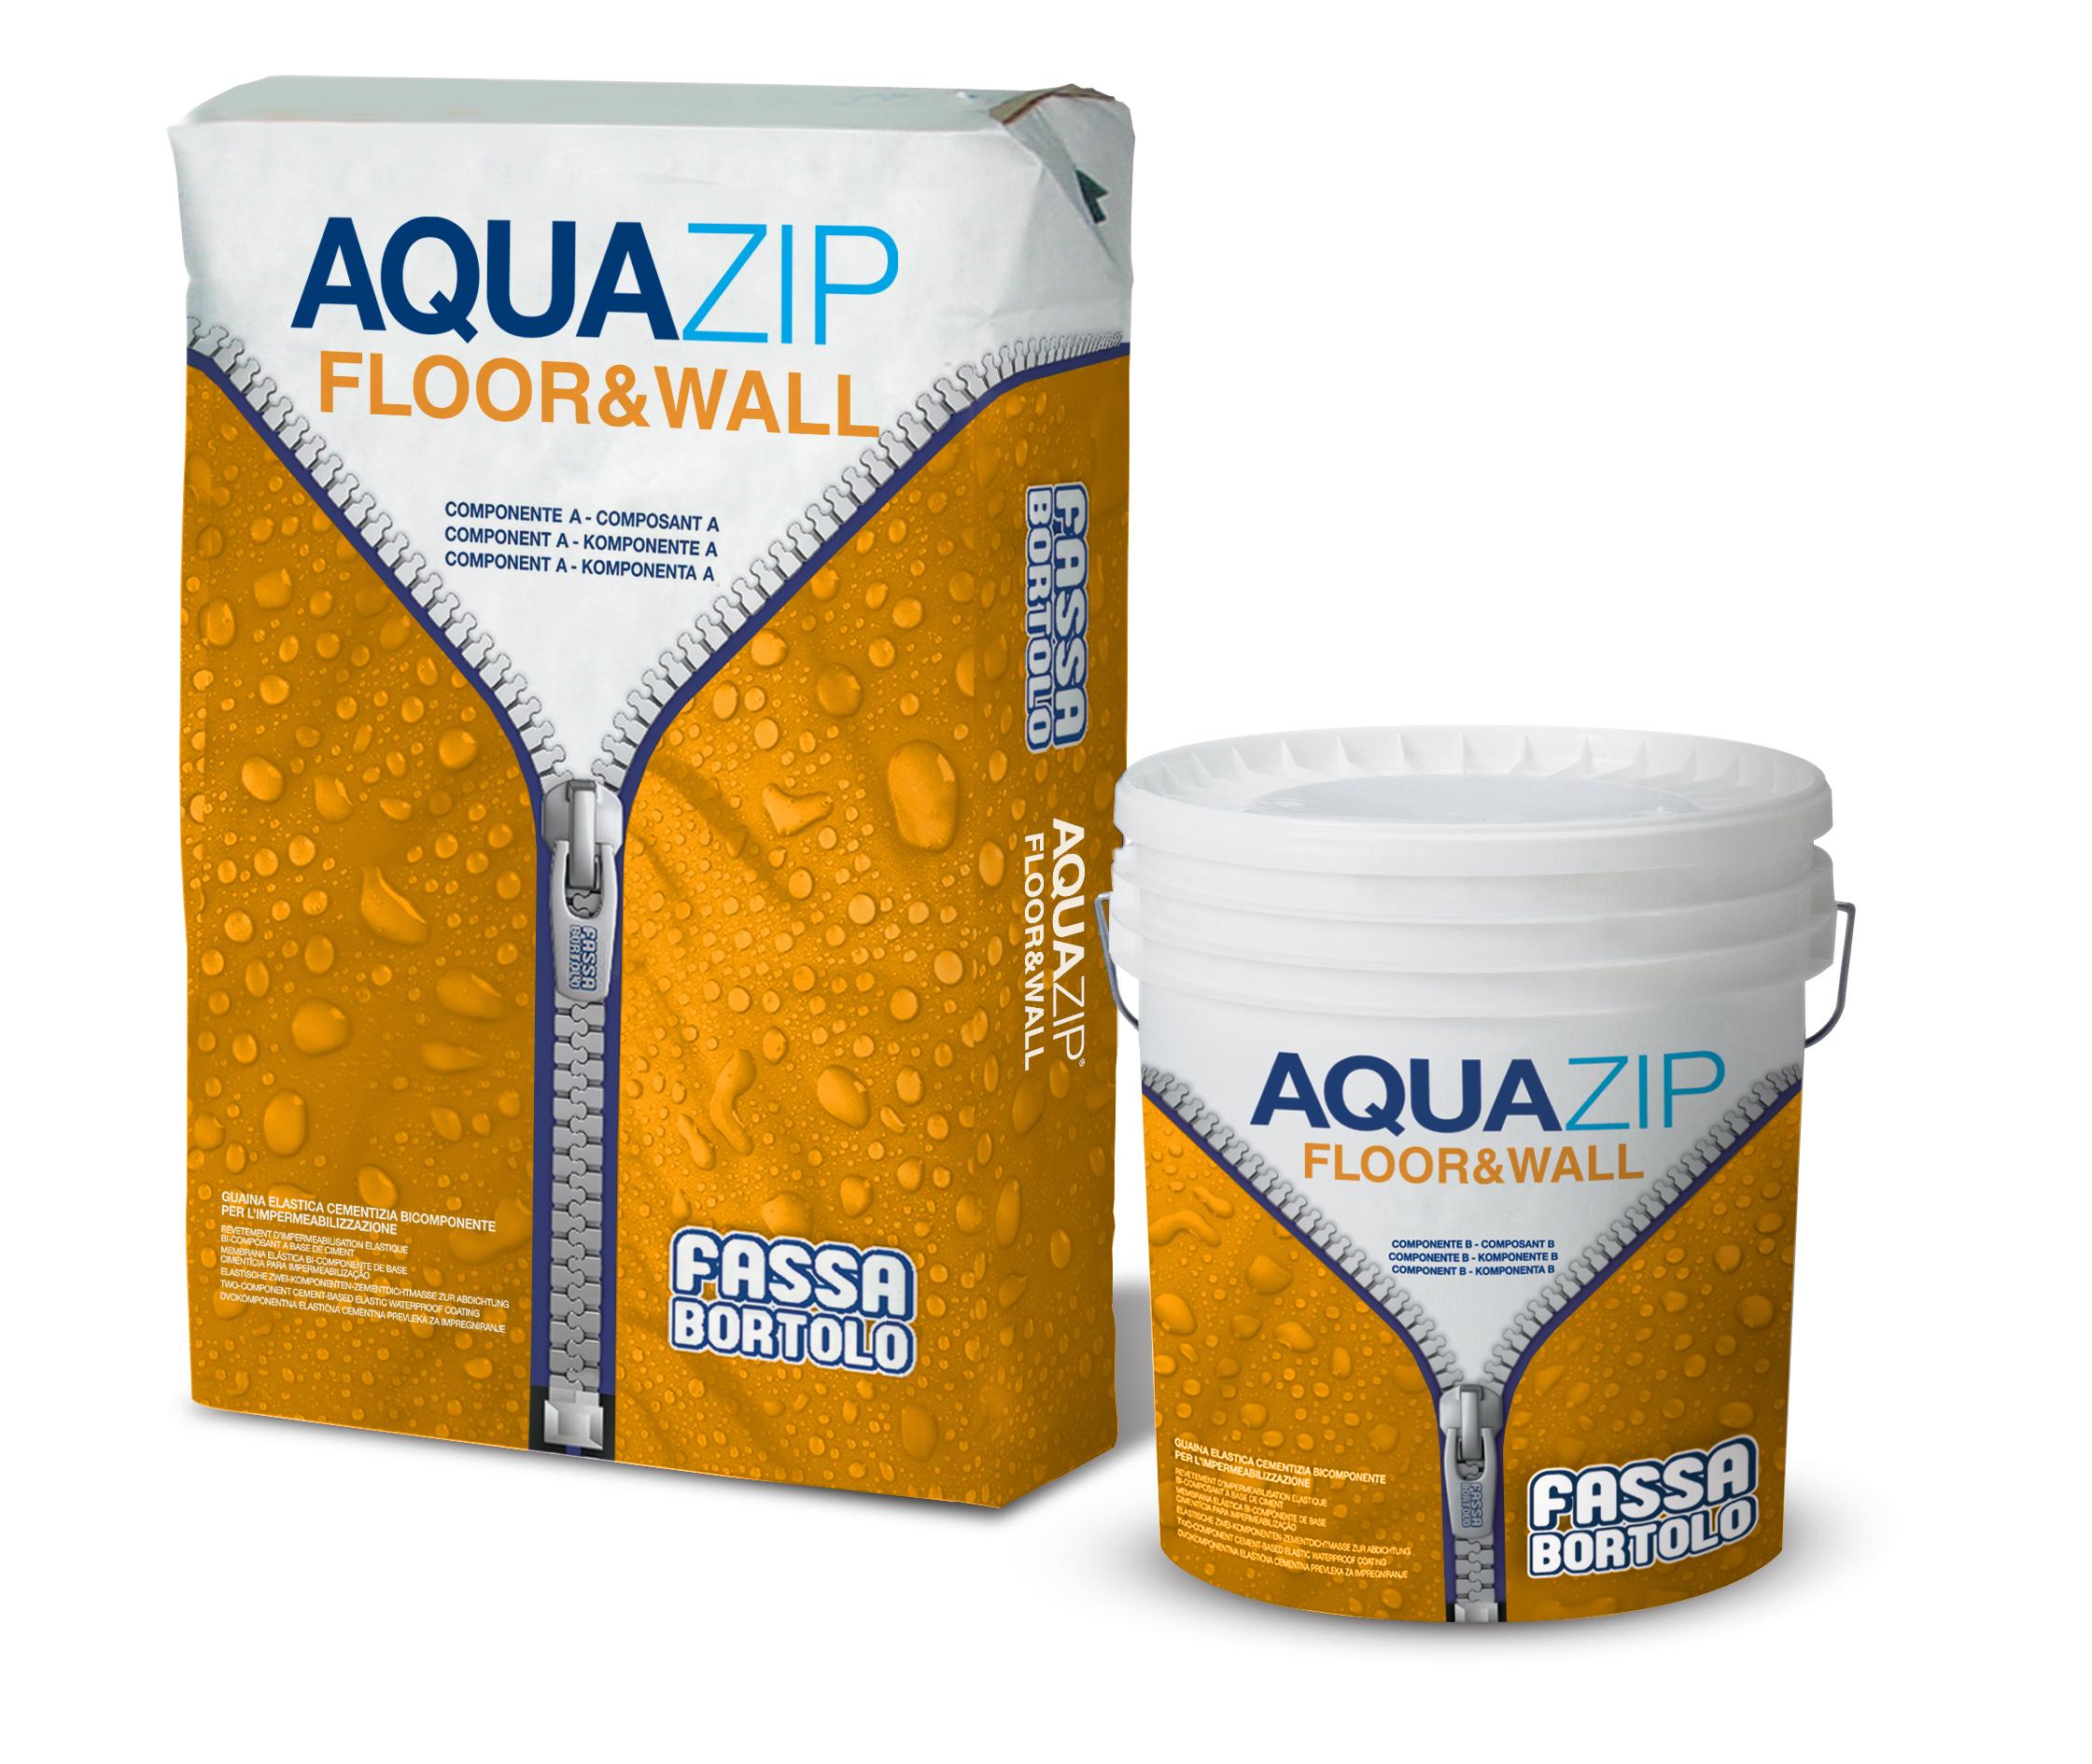 AQUAZIP FLOOR & WALL: Guaina elastica cementizia bicomponente per l'impermeabilizzazione di manufatti in calcestruzzo o murature sottoposti a spinta idrostatica positiva e negativa